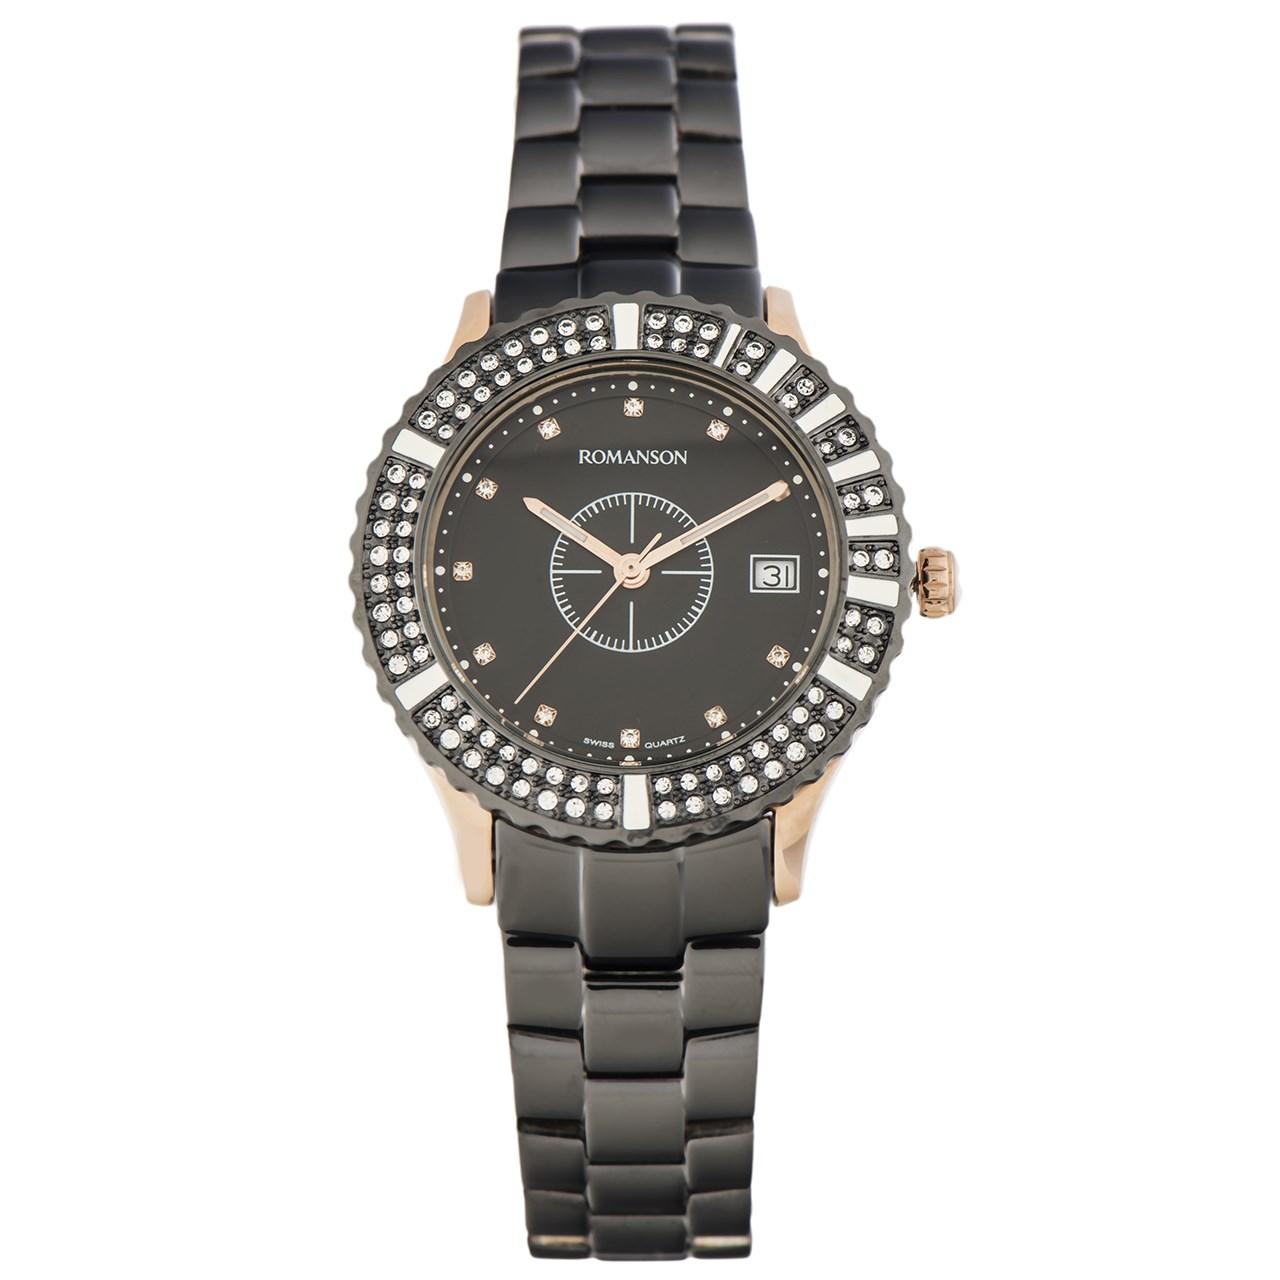 ساعت مچی عقربه ای زنانه رومانسون مدل RM9229TL1EA36R 50